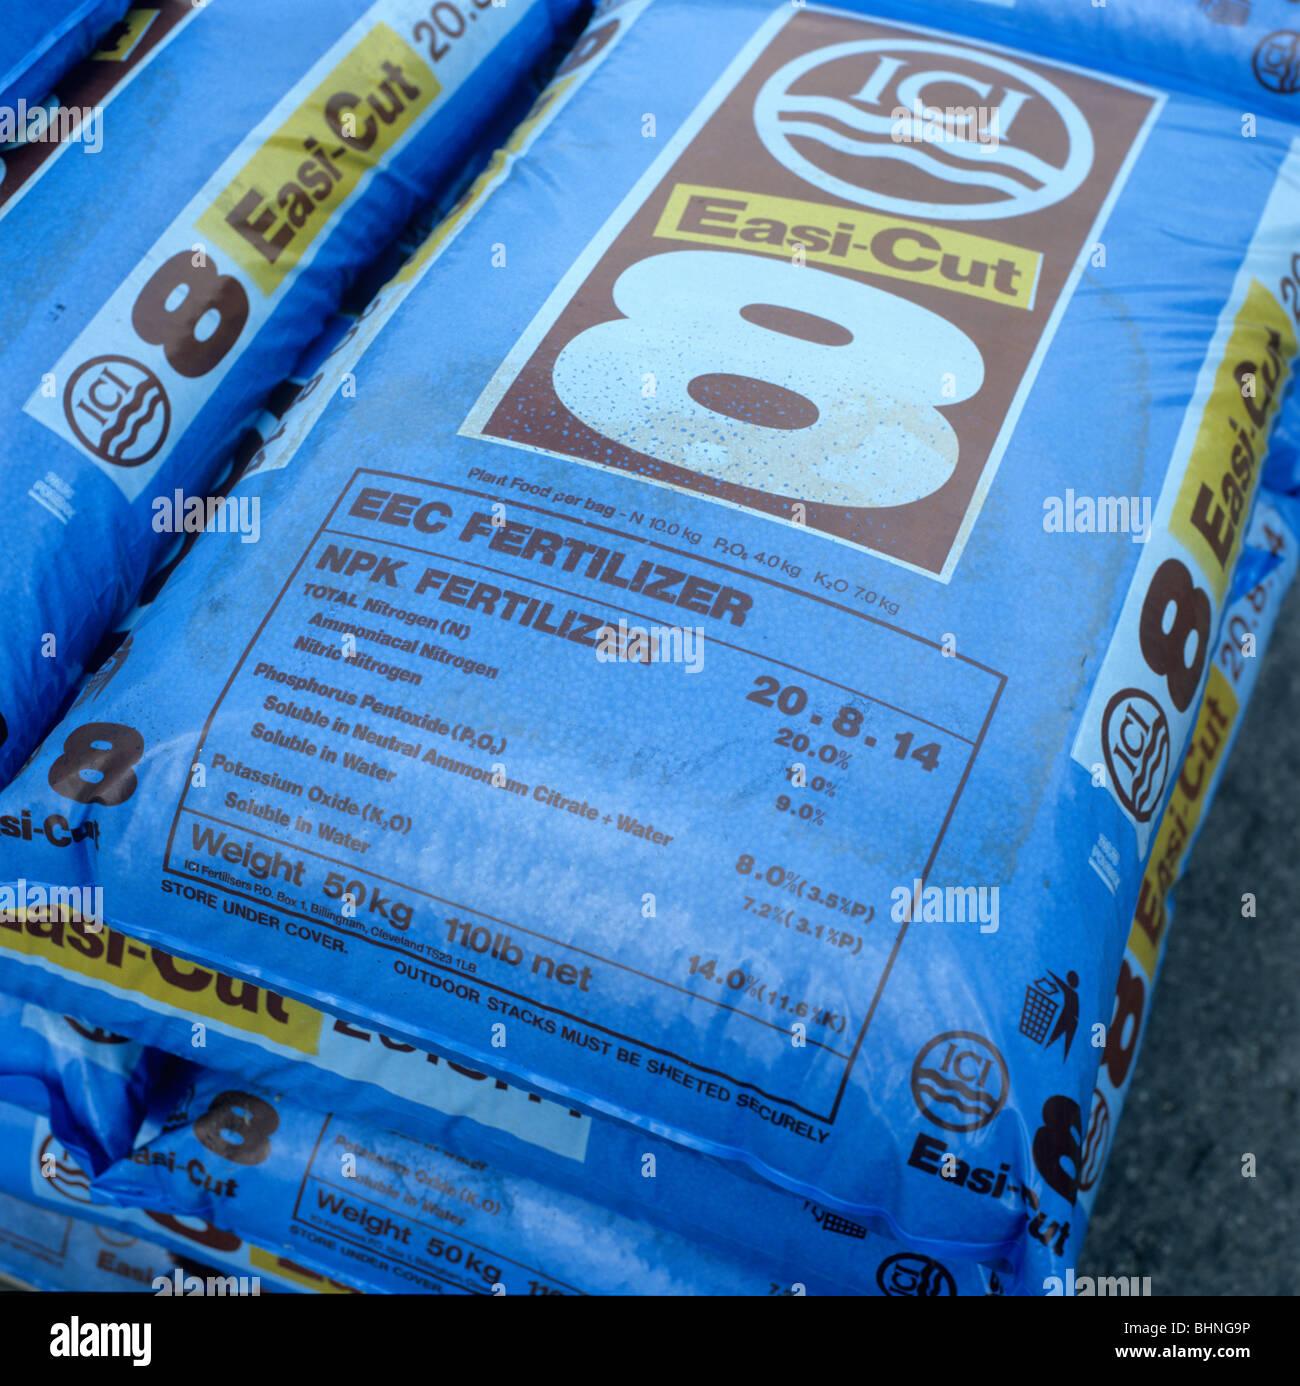 Sac en plastique de N P K engrais utilisé pour les cultures agricoles Photo Stock